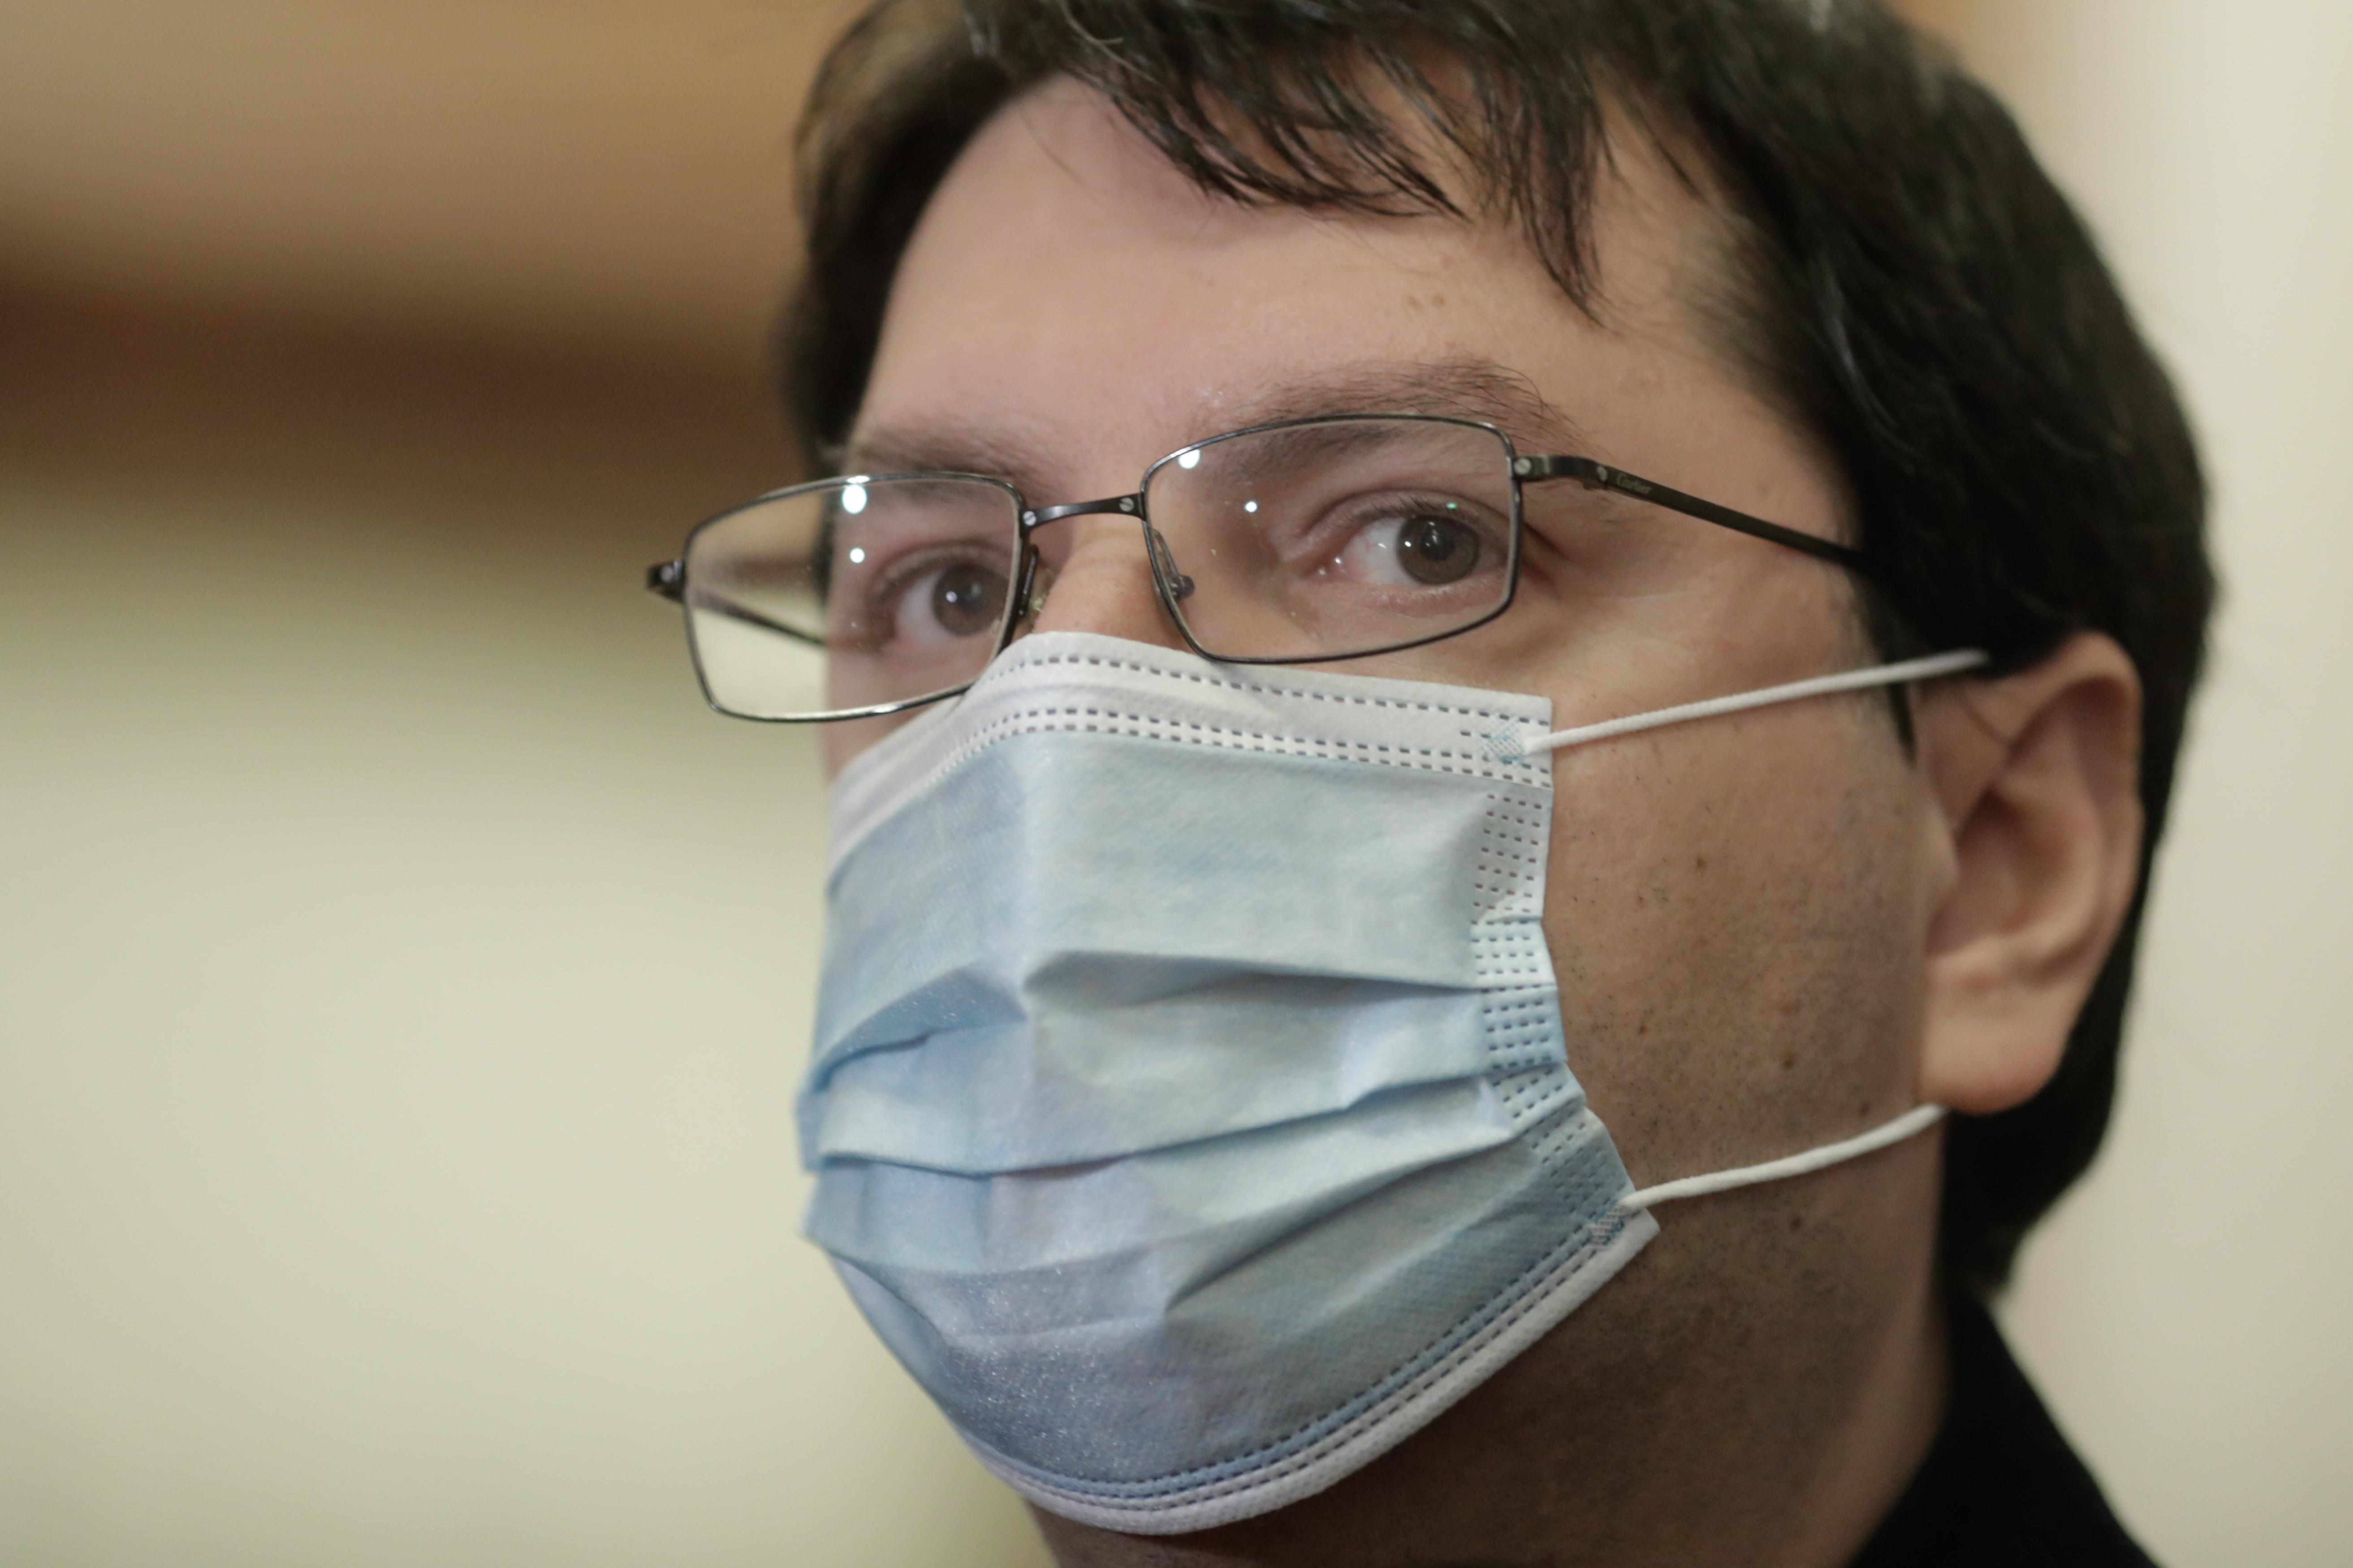 DNA a început urmărirea penală și a pus sechestru pe averea lui Nicolae Bănicioiu. Cât ar fi luat mită fostul ministru